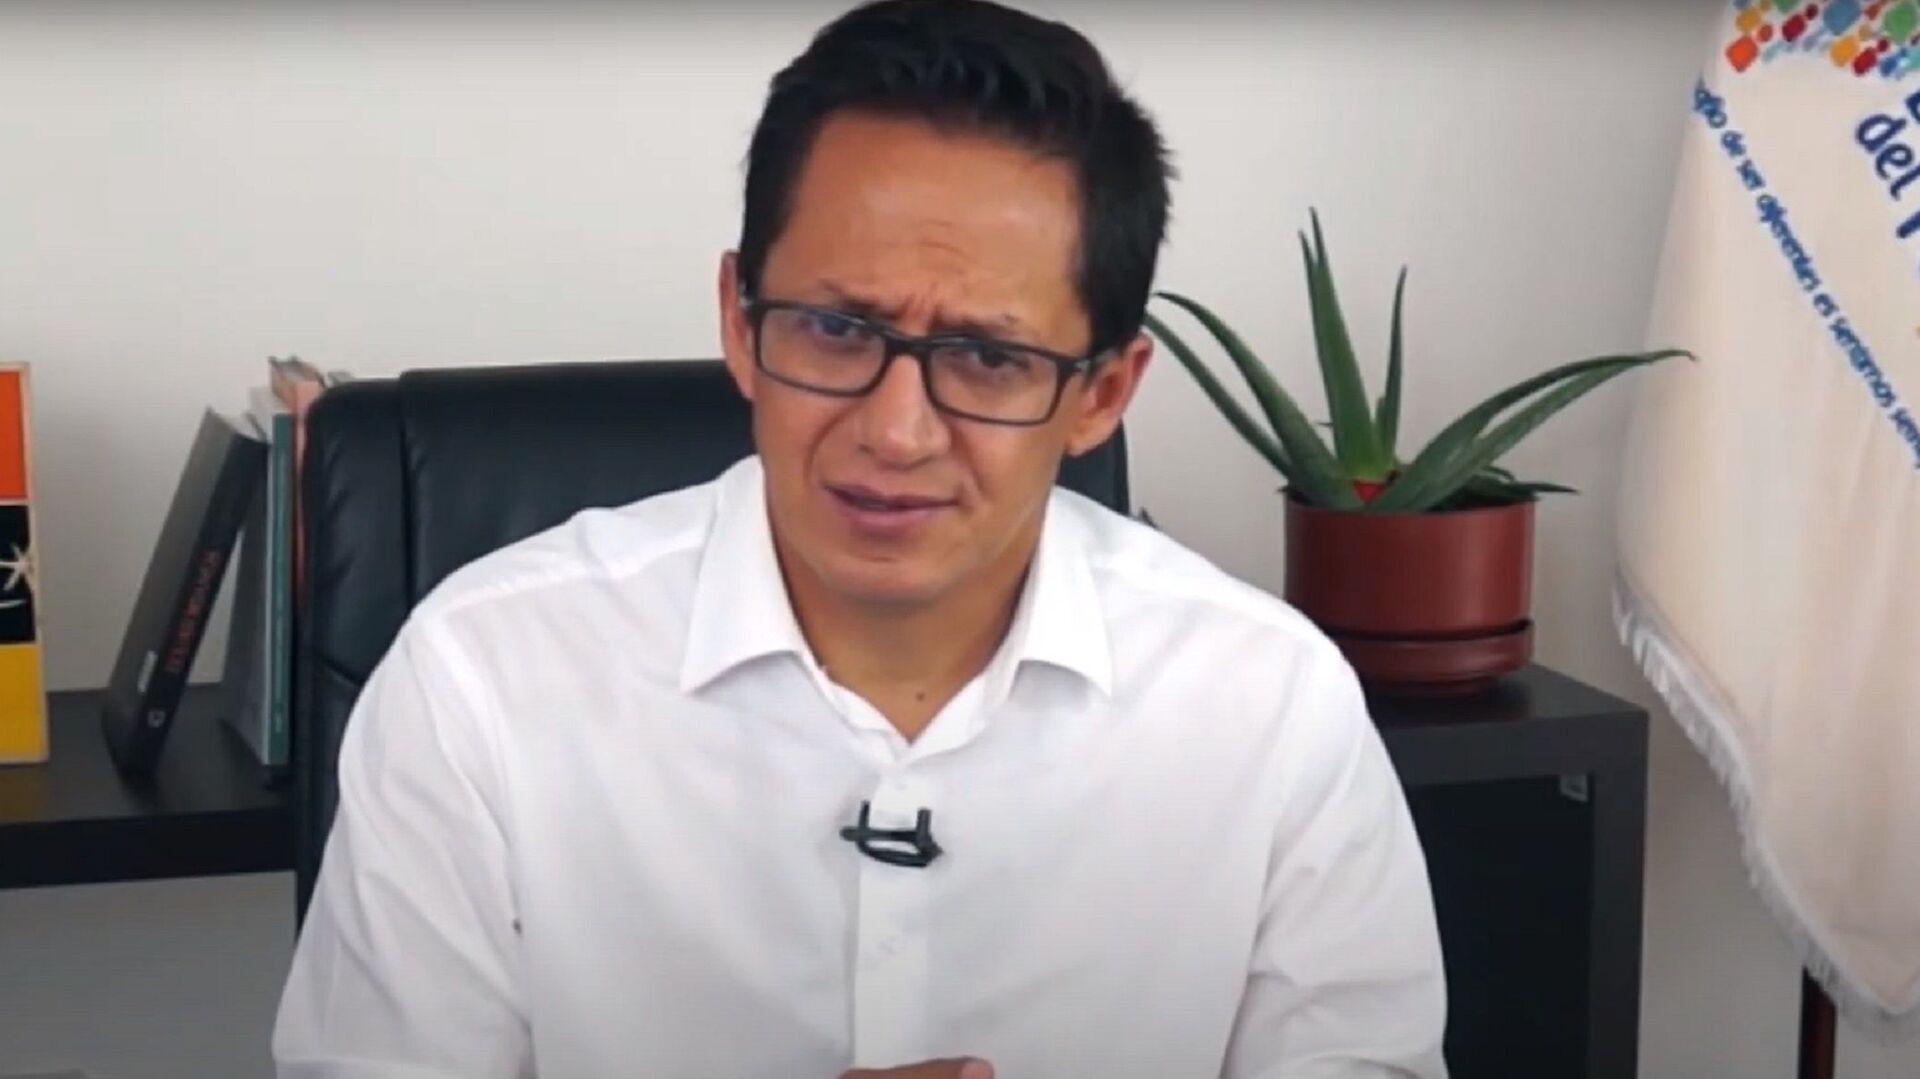 Freddy Carrión, defensor del Pueblo de Ecuador - Sputnik Mundo, 1920, 19.04.2021